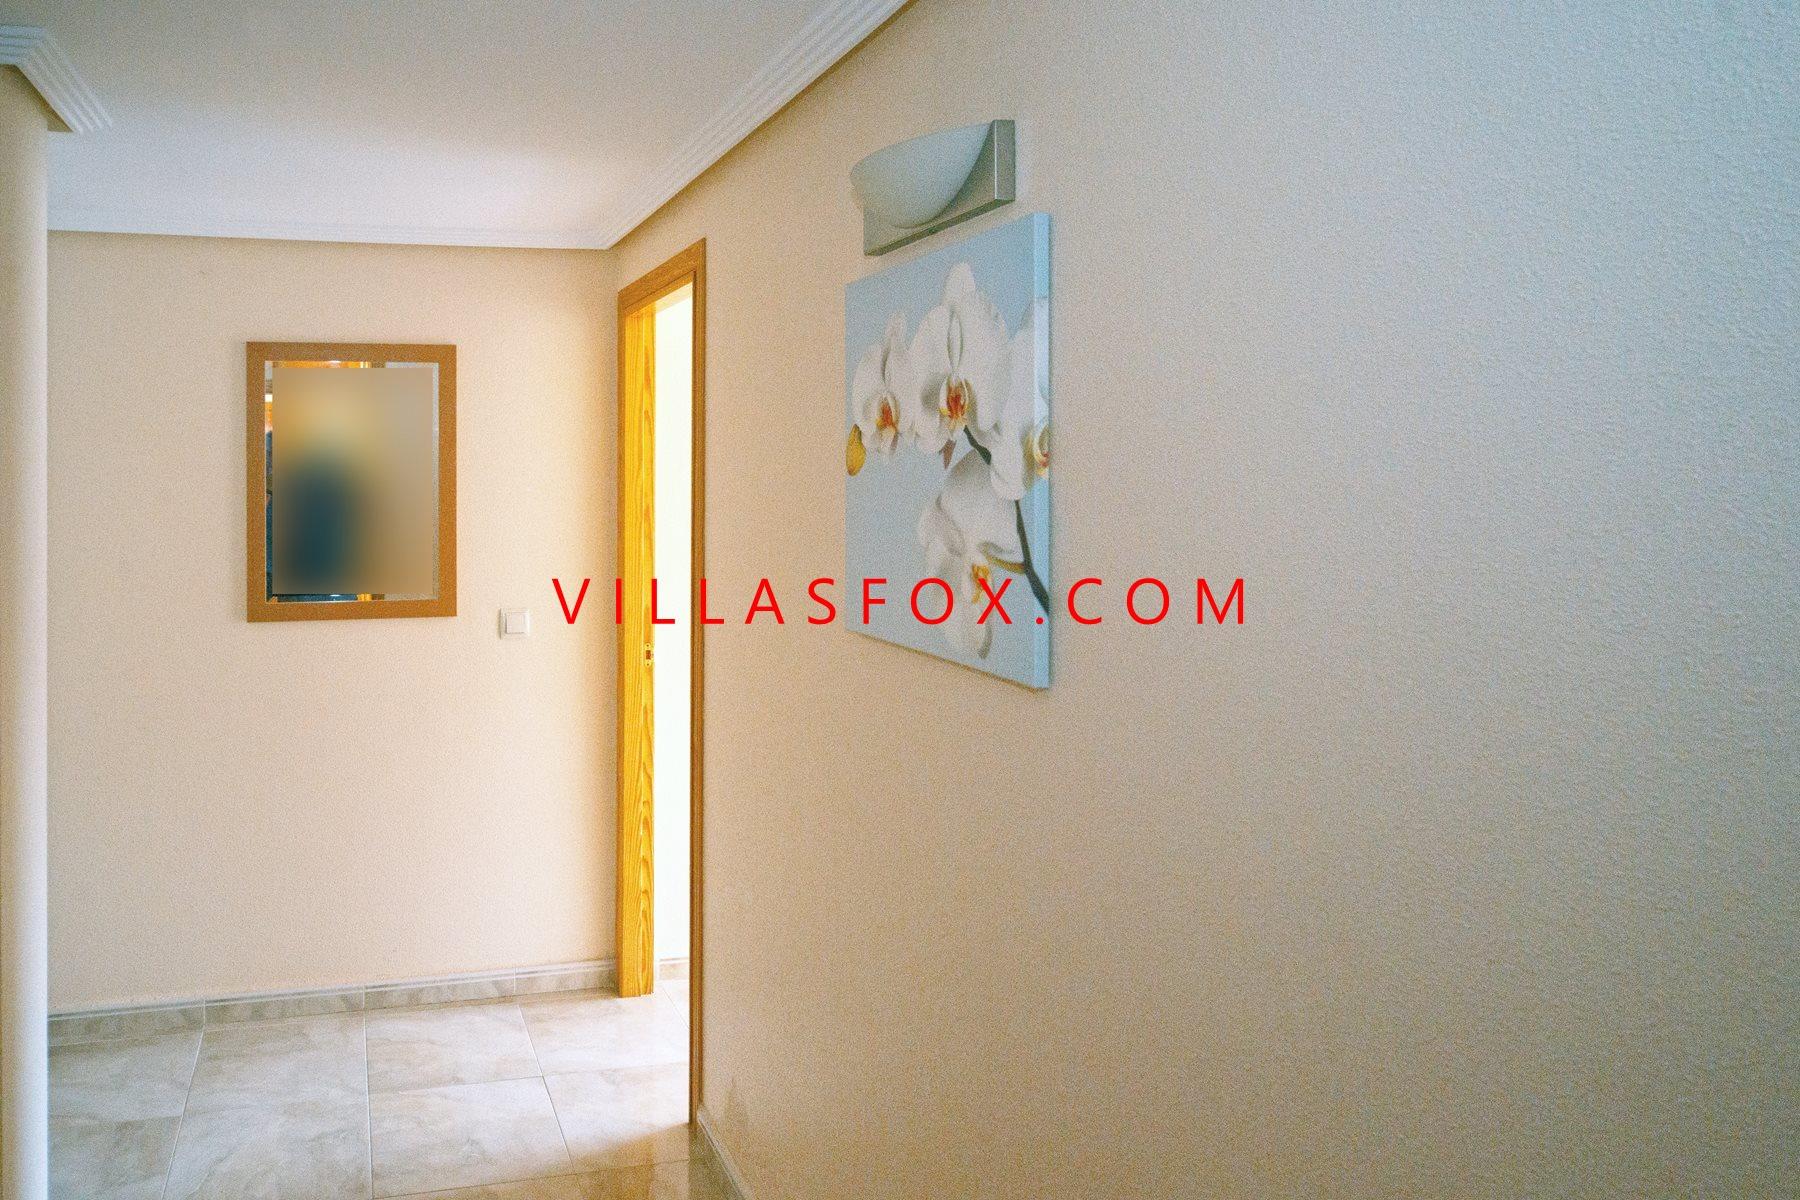 דירת יוקרה עם 4 חדרי שינה, 2 חדרי רחצה, מרכז העיר סן מיגל דה סלינס